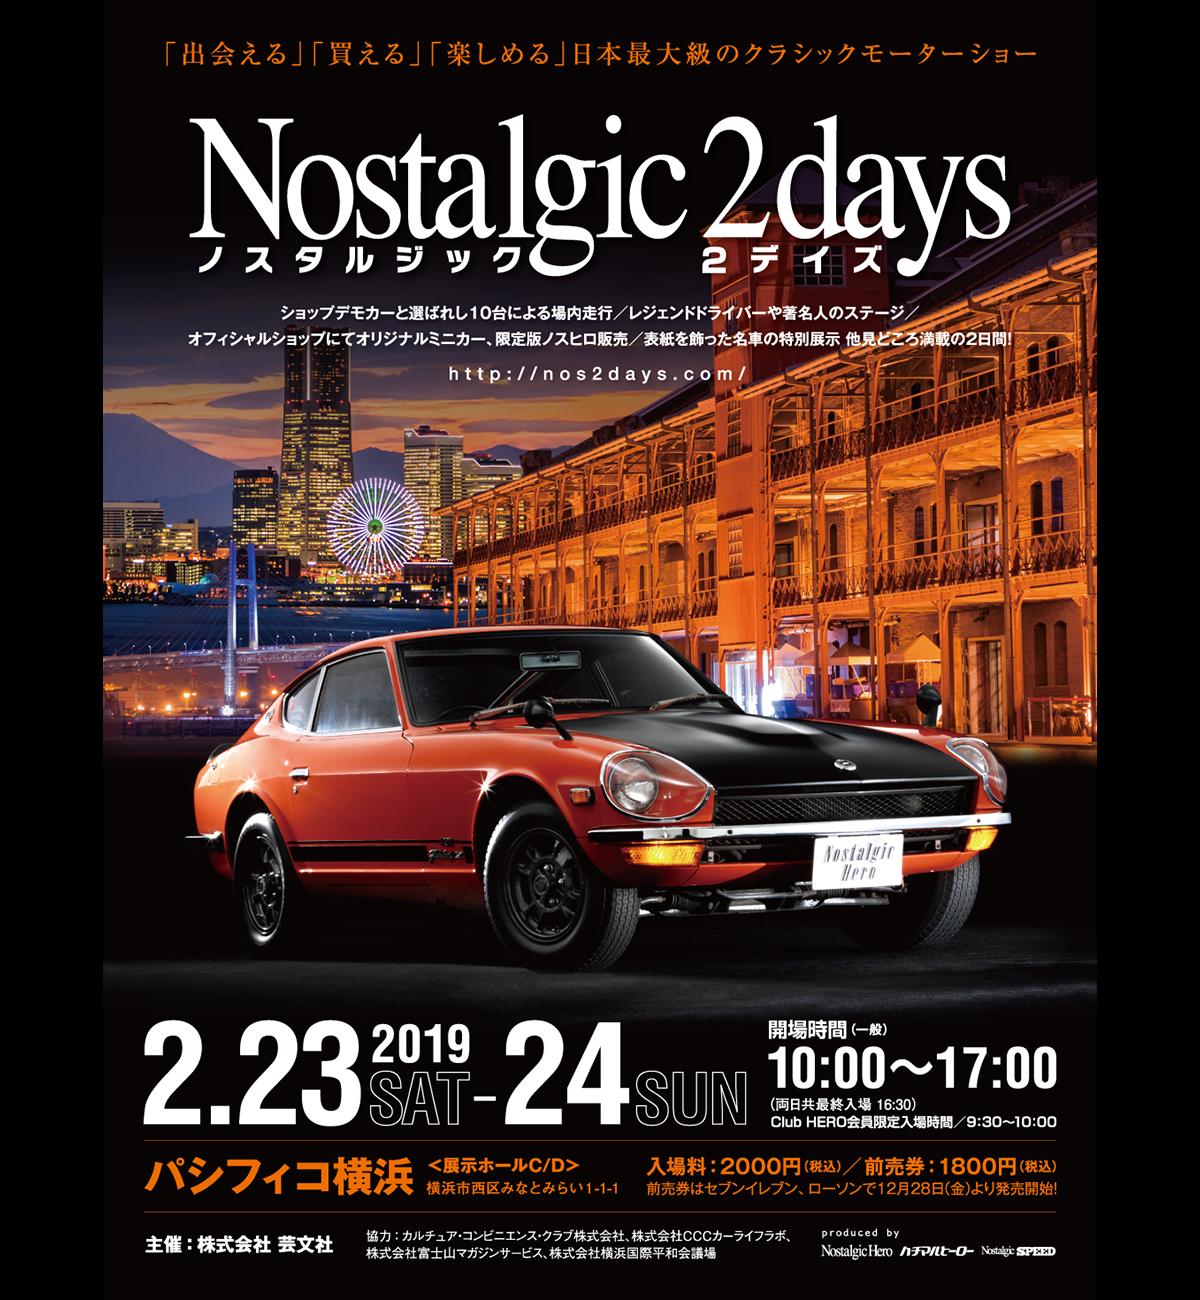 ノスタルジック2デイズ2018メインバナー